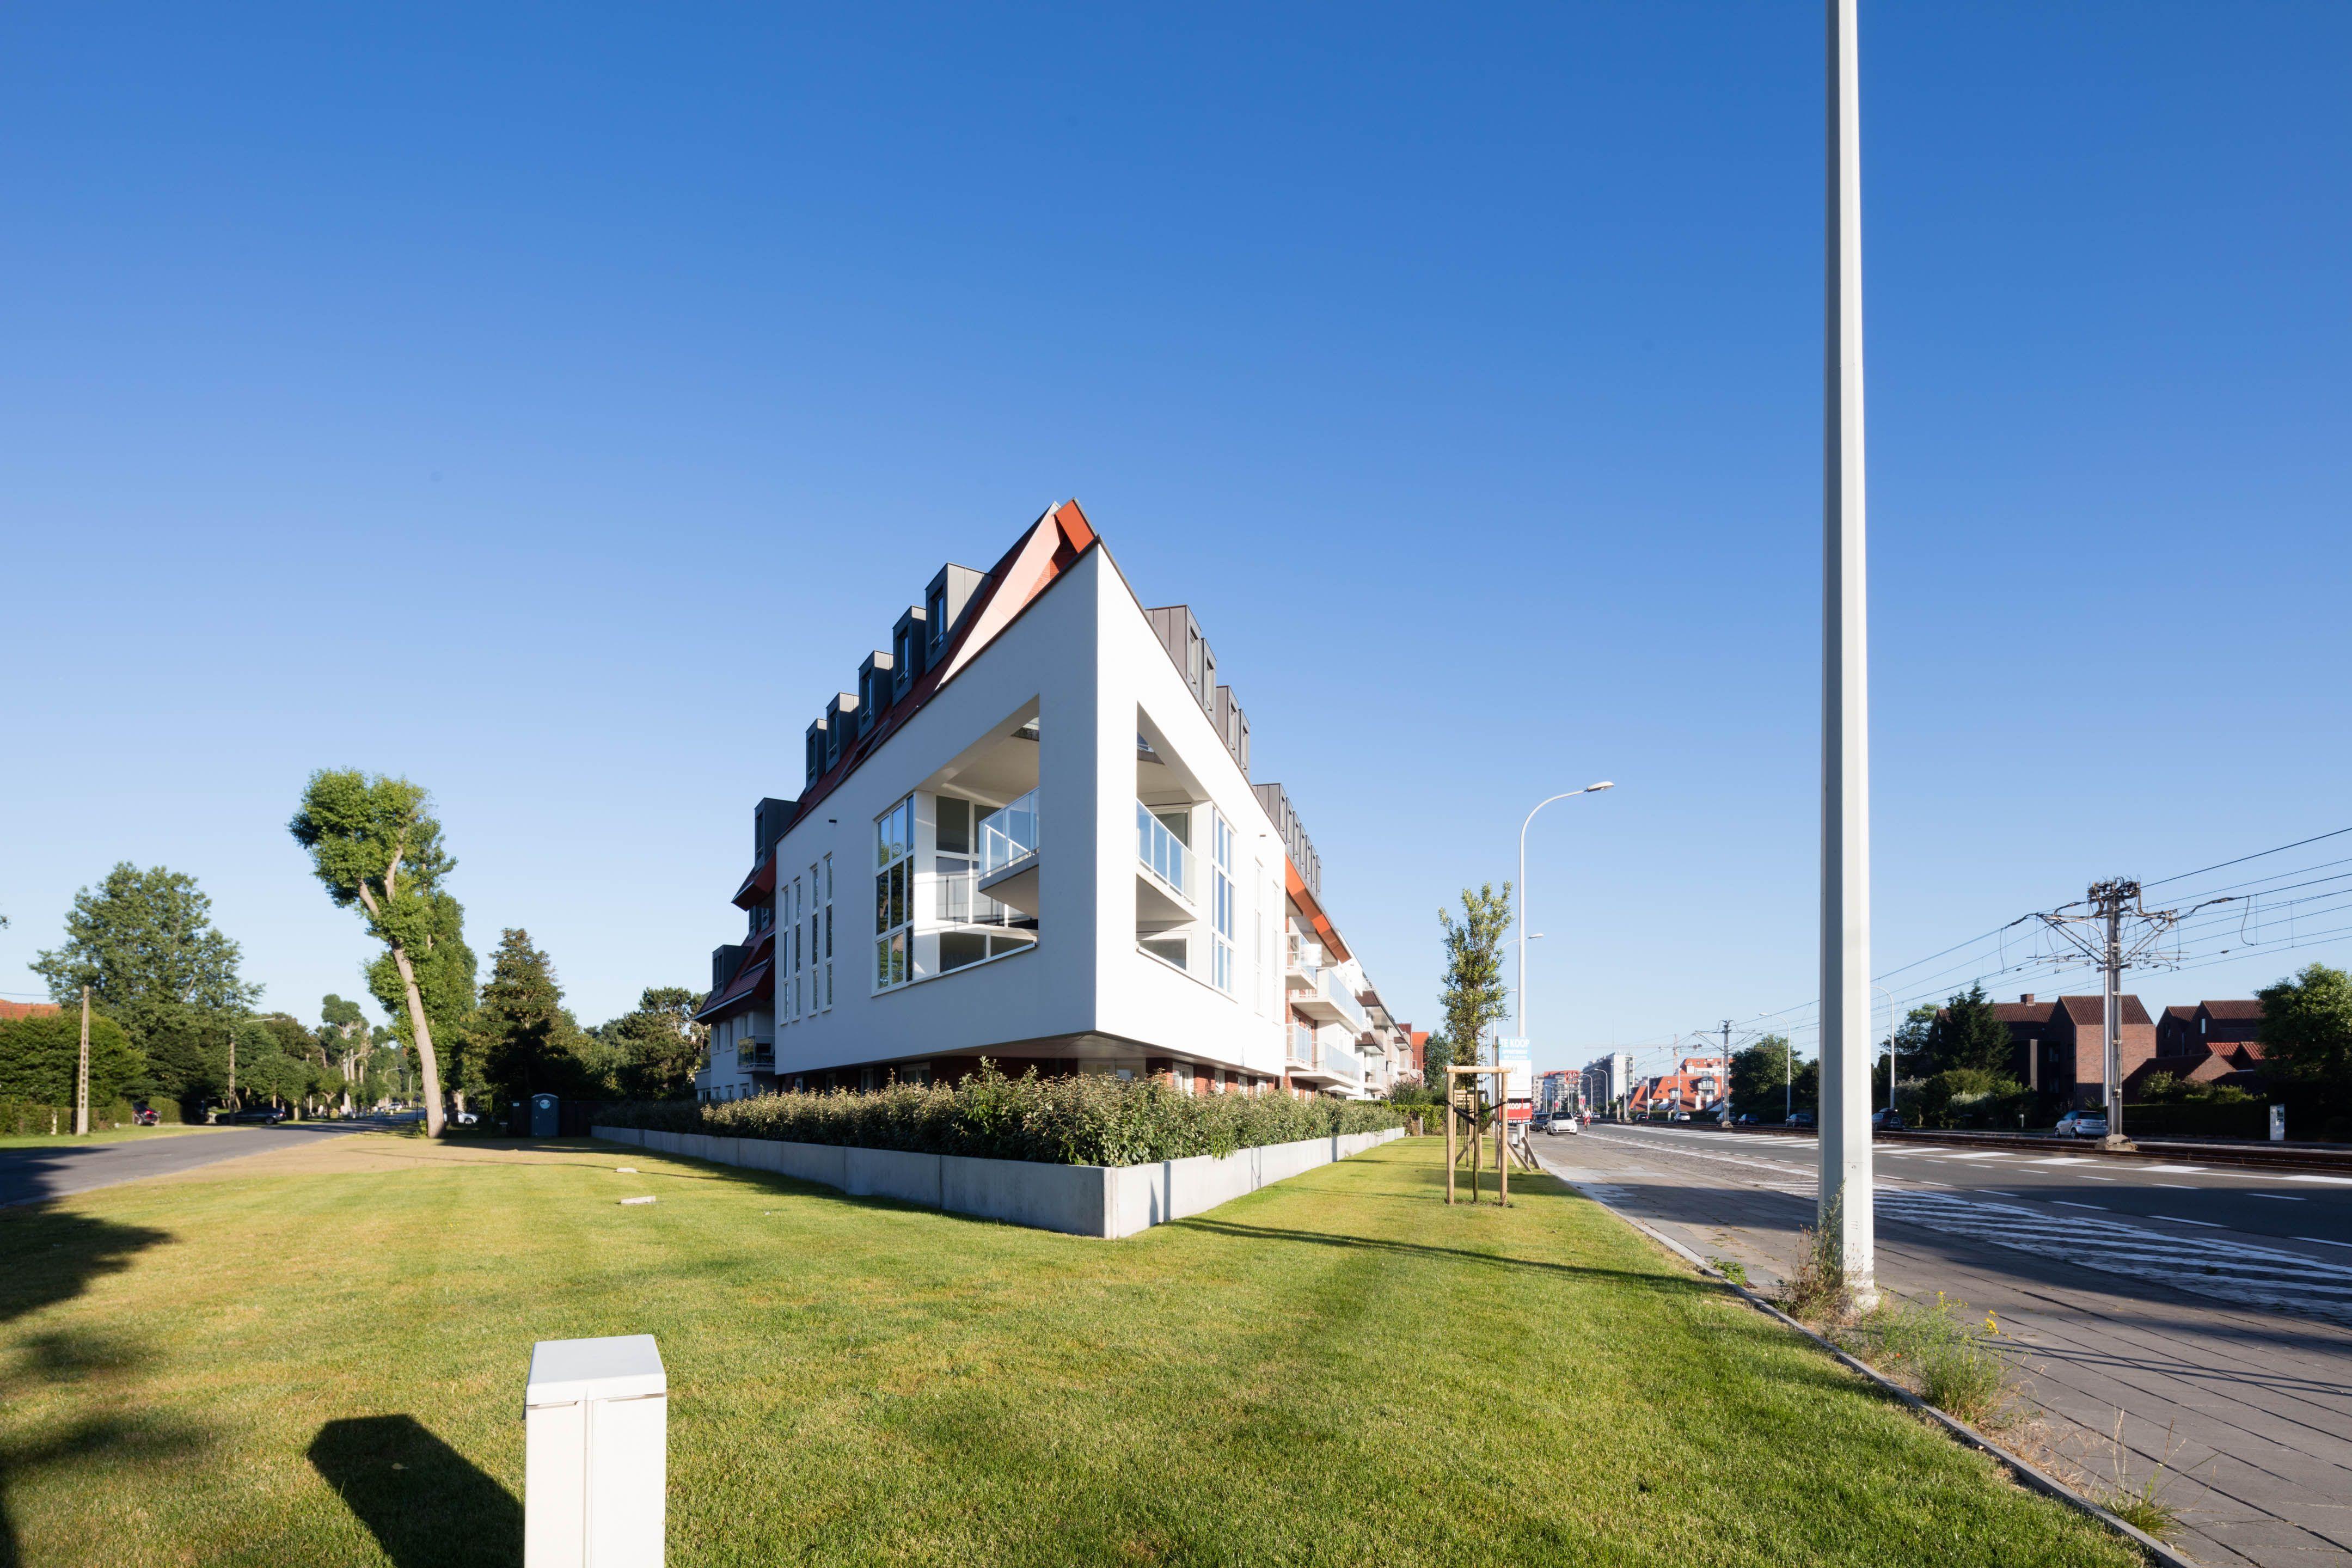 Appartement Residentie Villa Crombez Nieuwpoort - 9354